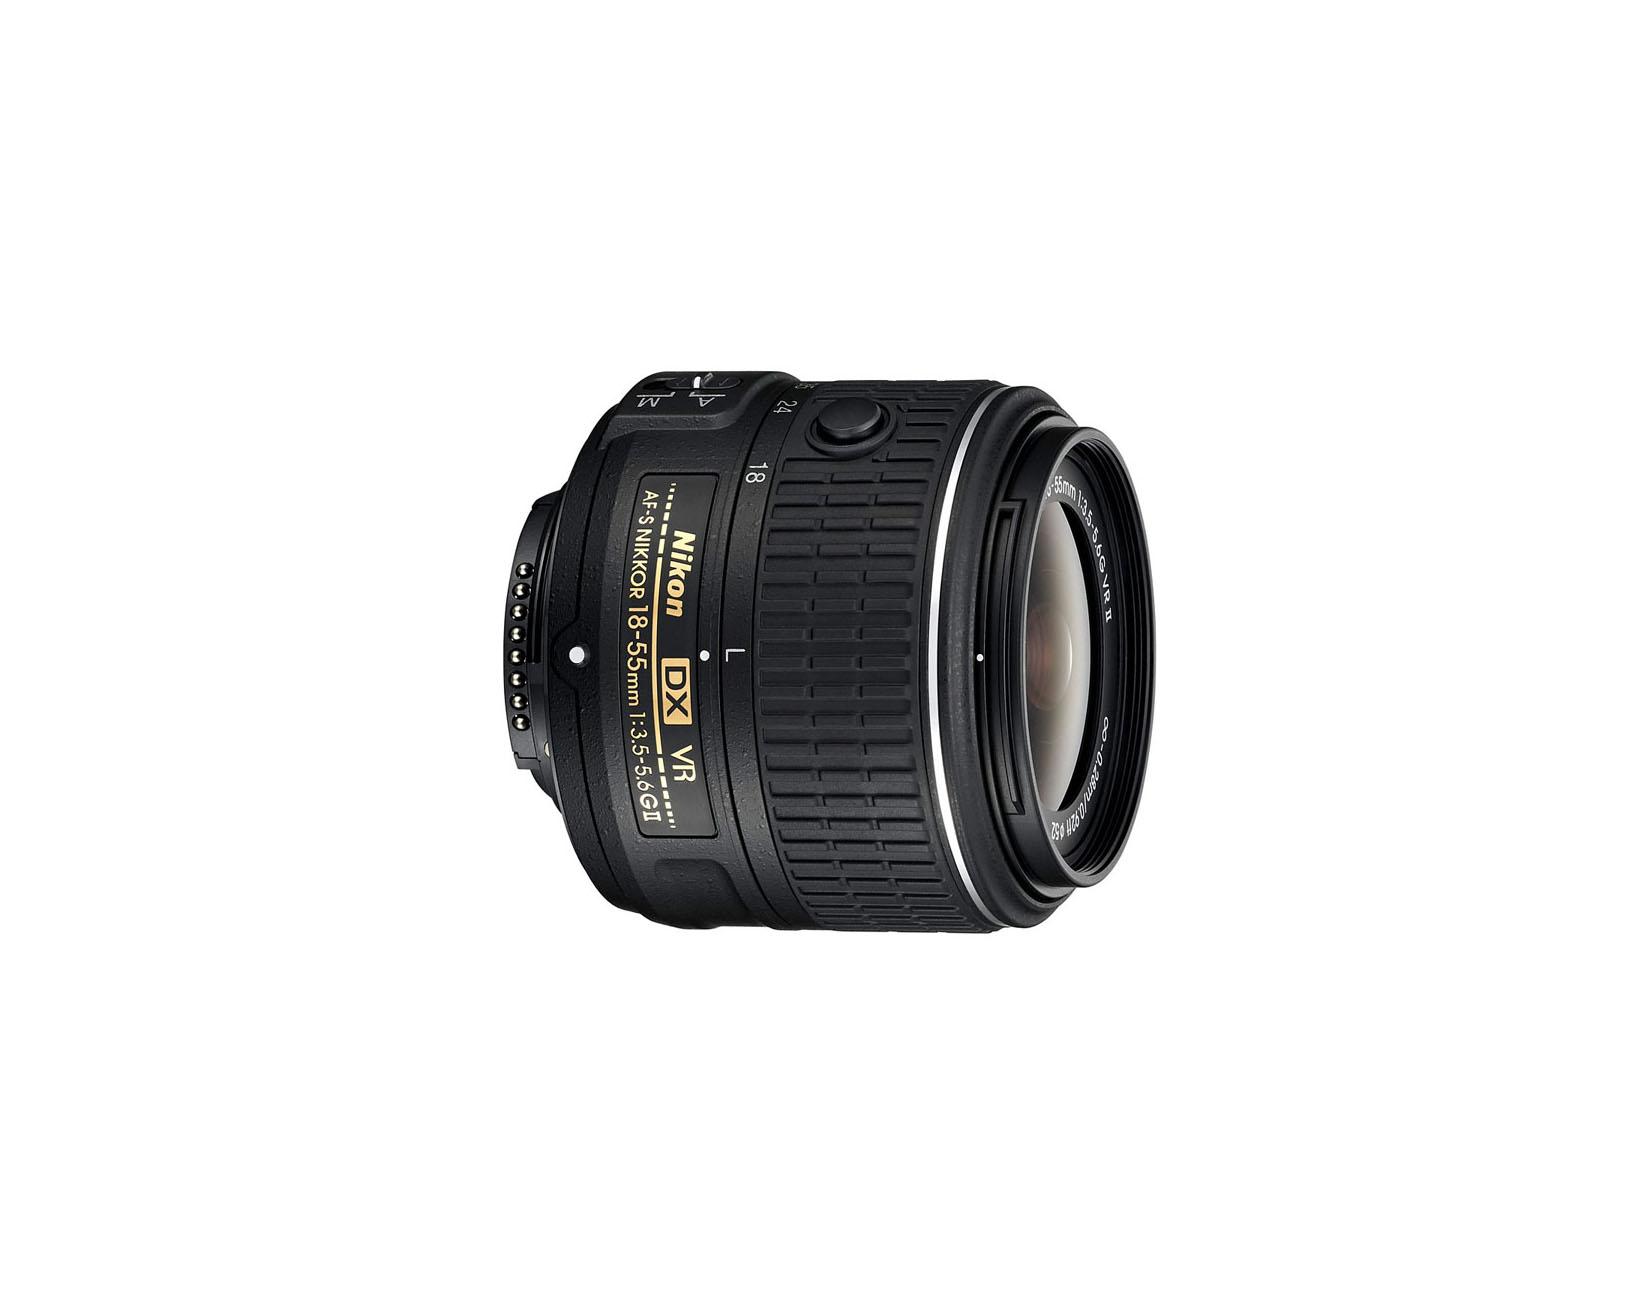 لنز Nikon AF-S DX 18-55mm f/3.5-5.6 G VR II